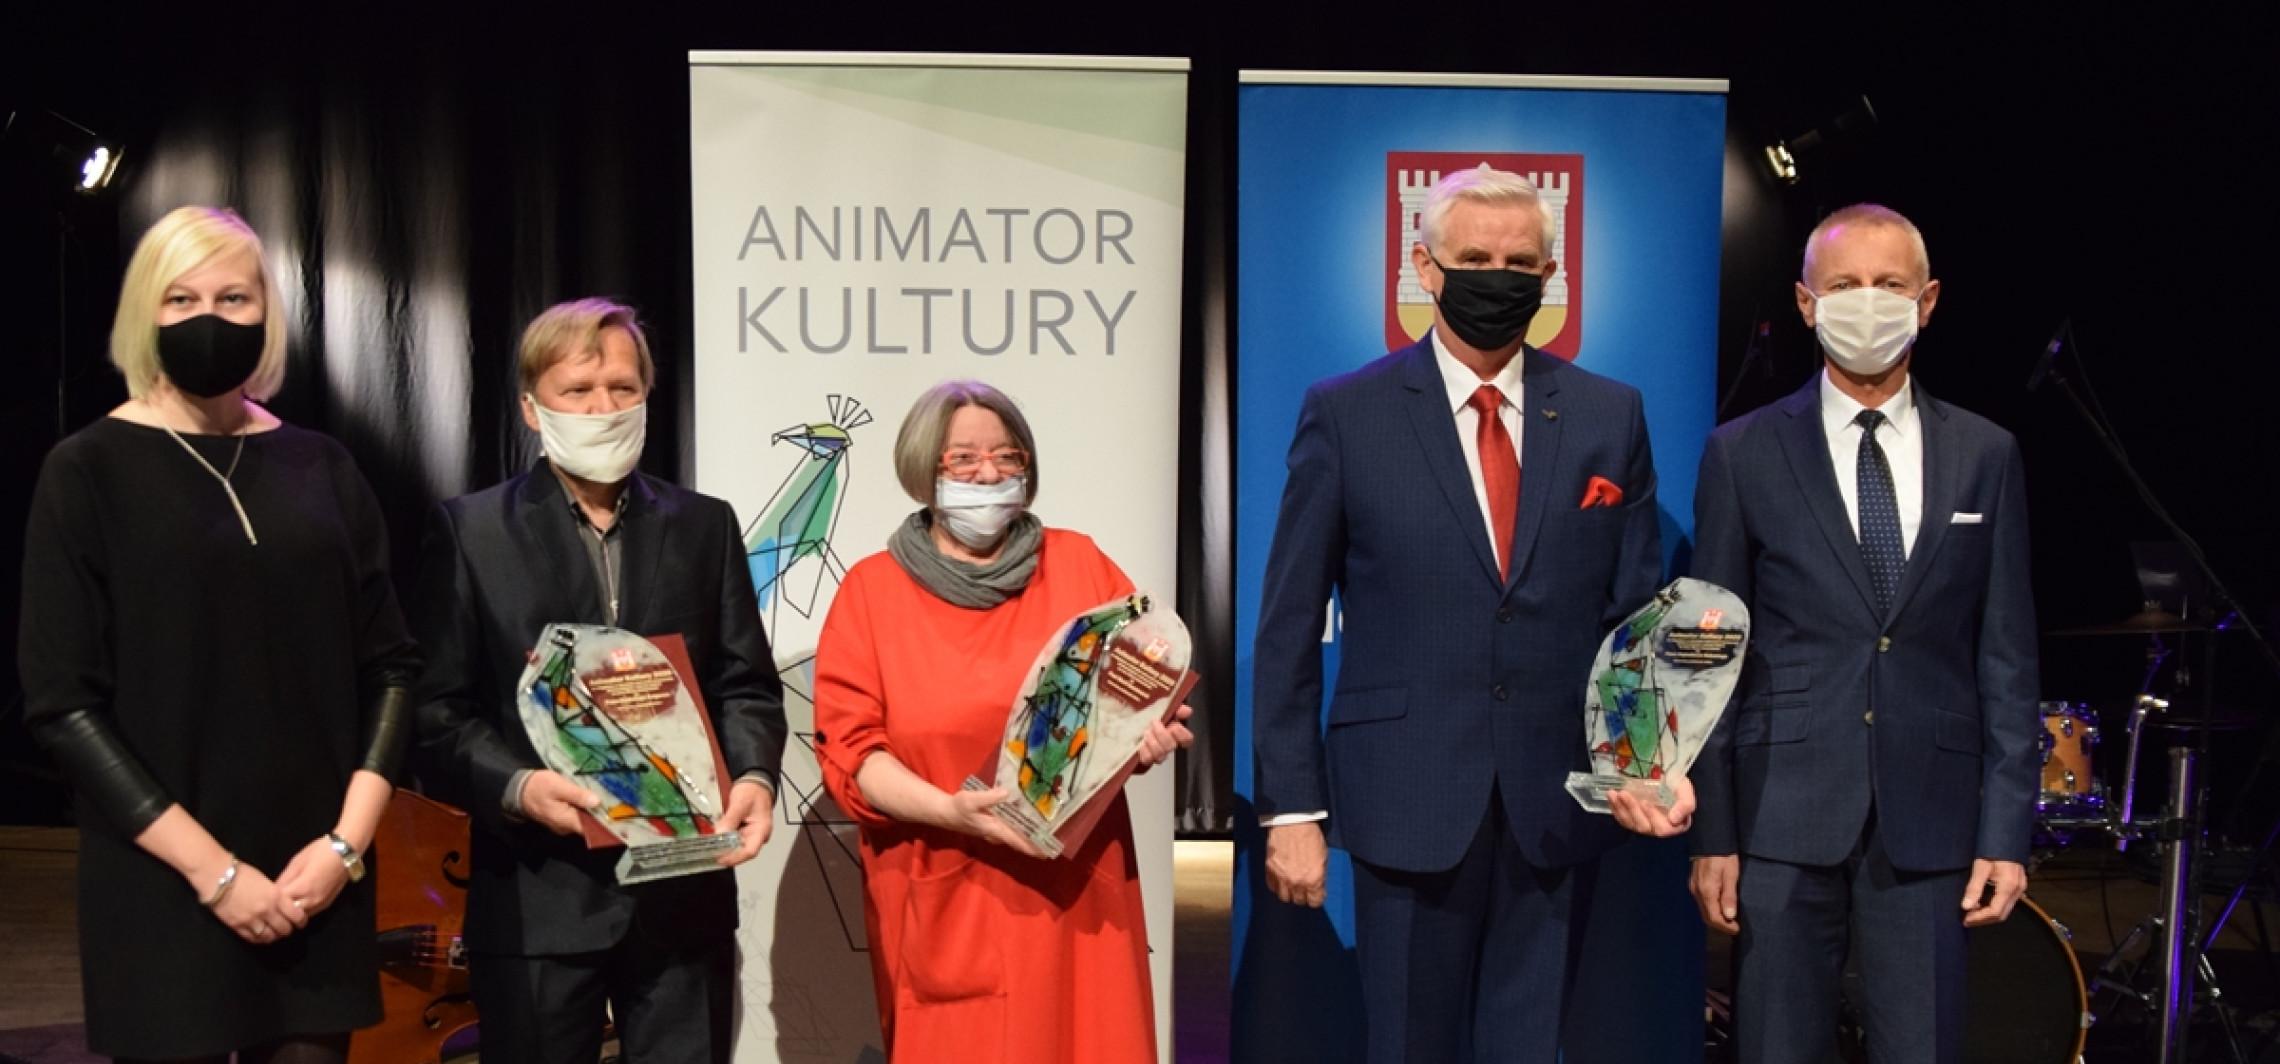 Inowrocław - Poznaliśmy Animatorów Kultury 2020